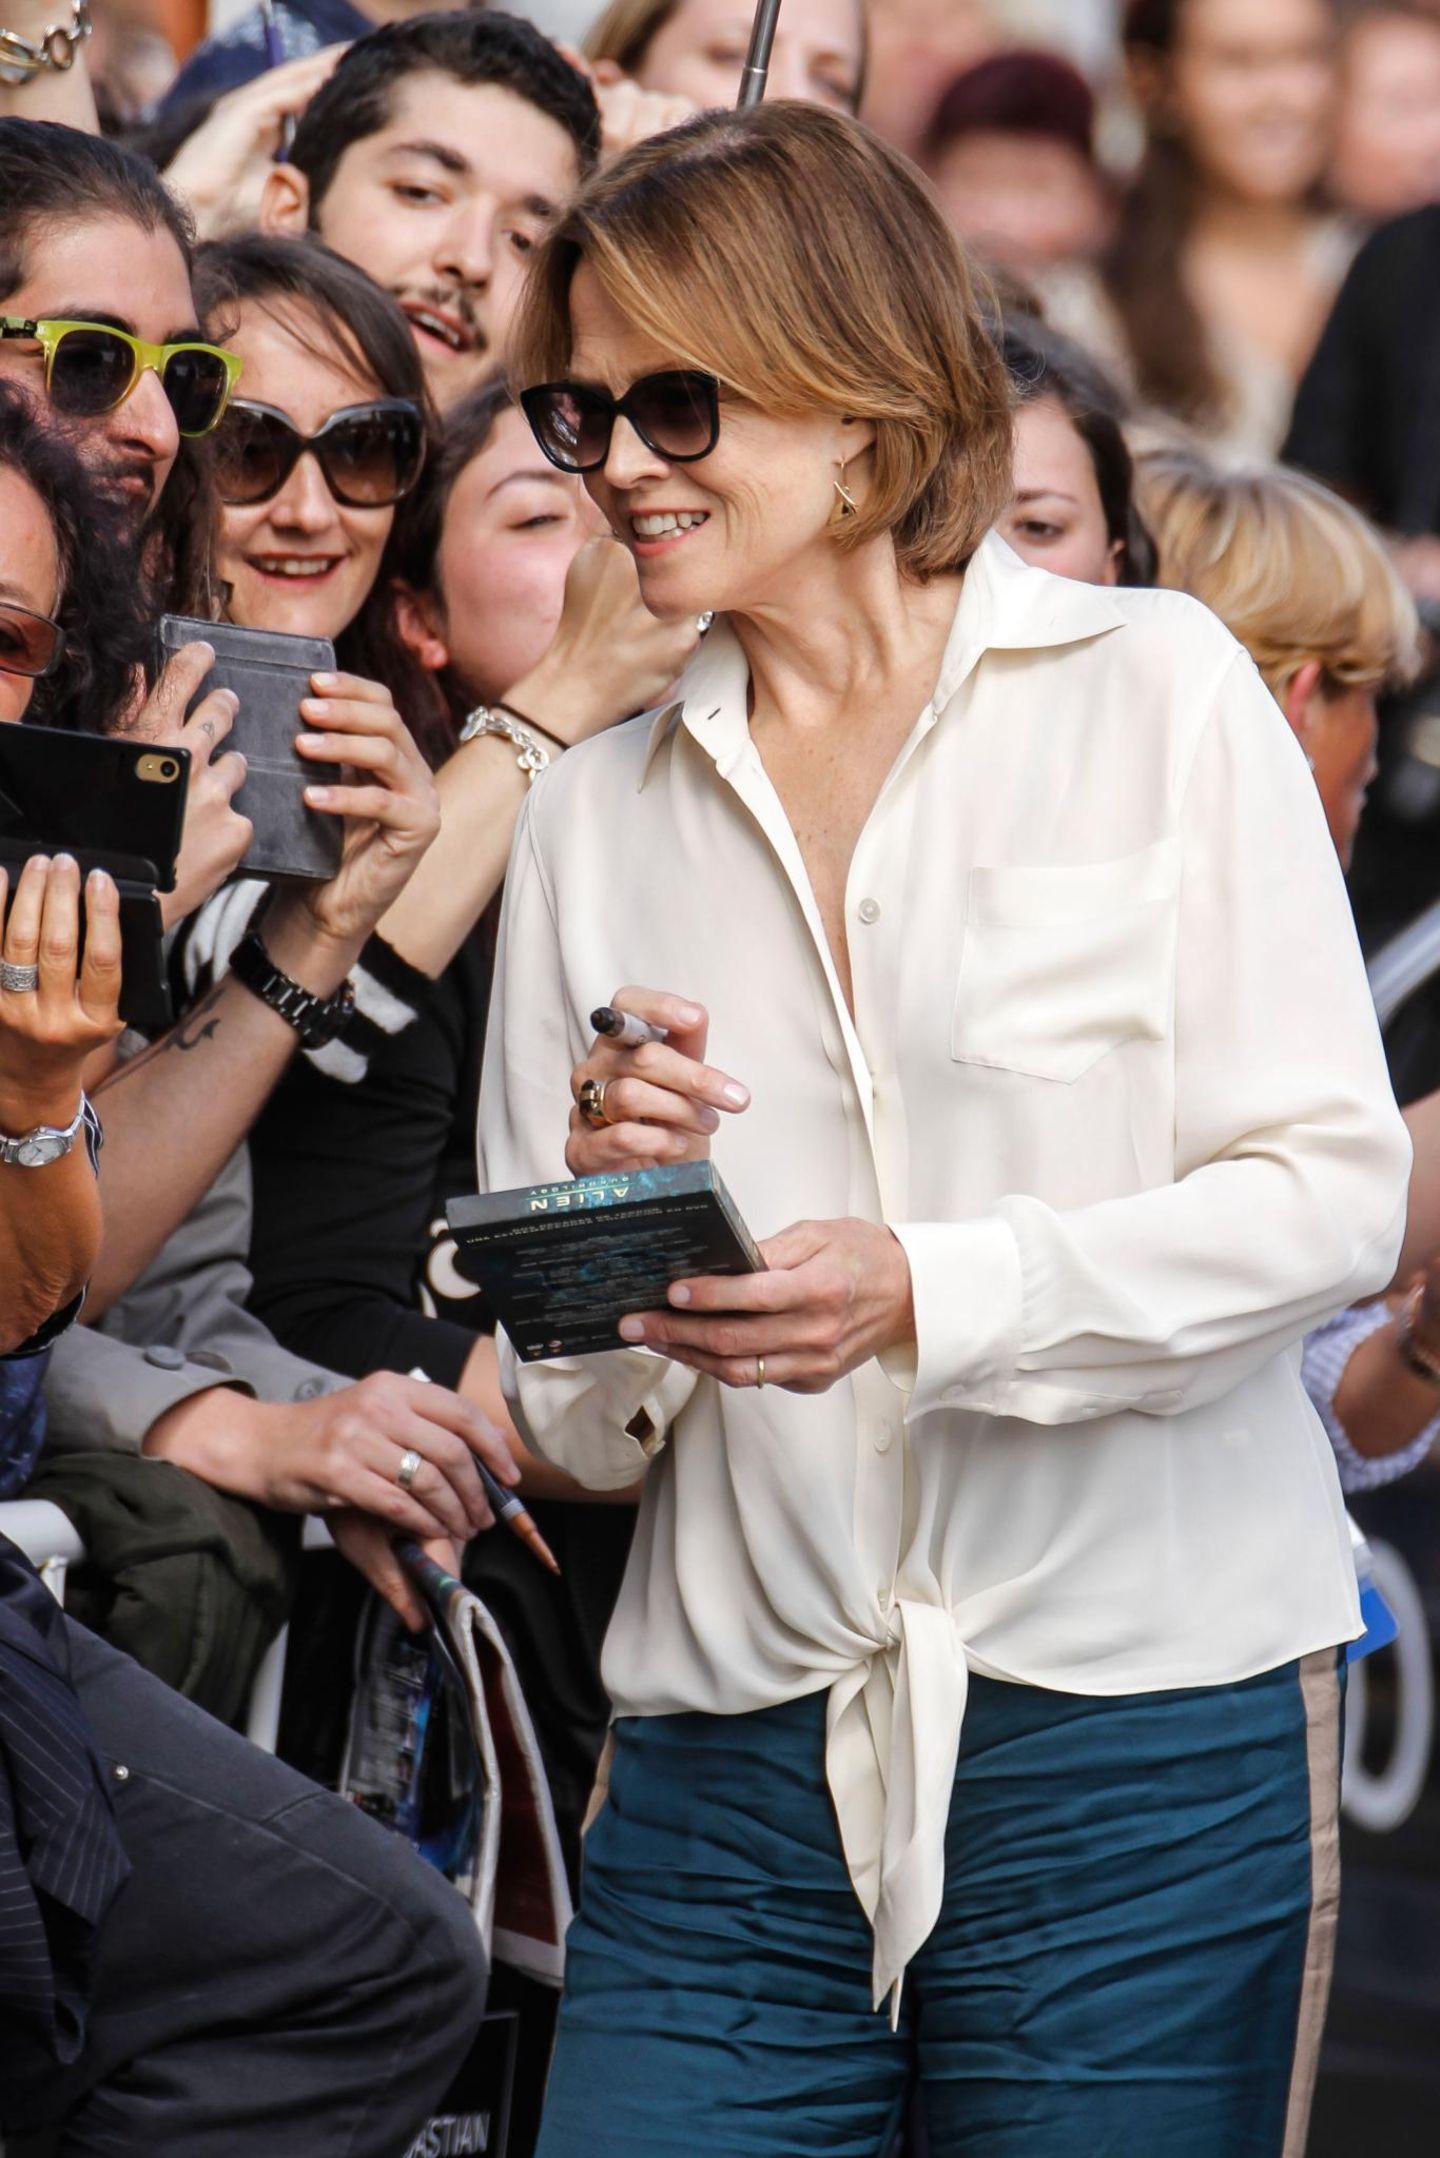 """Beim 64. San Sebastian Film Festival nimmt sich Sigourney Weaver viel Zeit für die wartenden Fans und macht Selfies und signiert Autogramme. Sie stellt ihren neuen Film """"A Monster Calls"""" vor."""